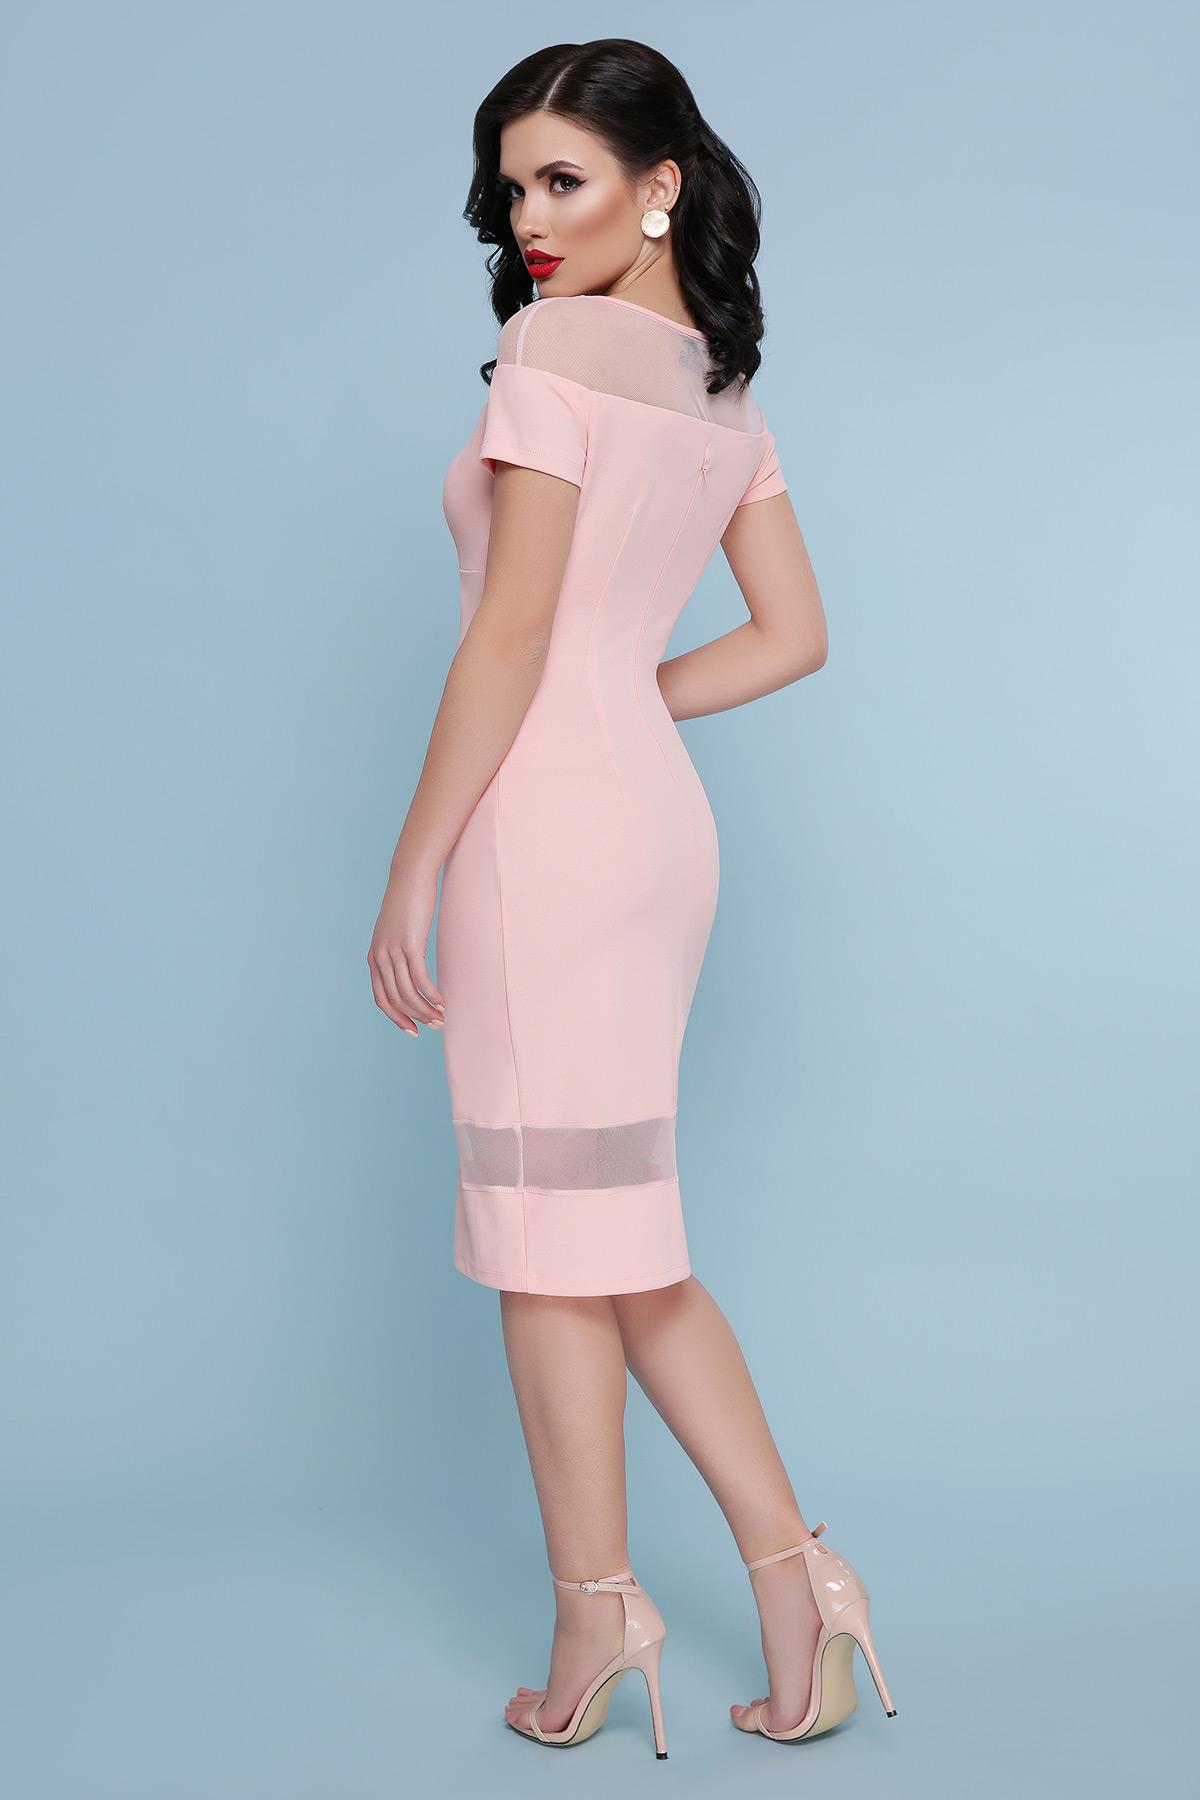 71501dc8aa5 персиковое платье на вечер. платье Владана 2 к р. Цвет  персик купить